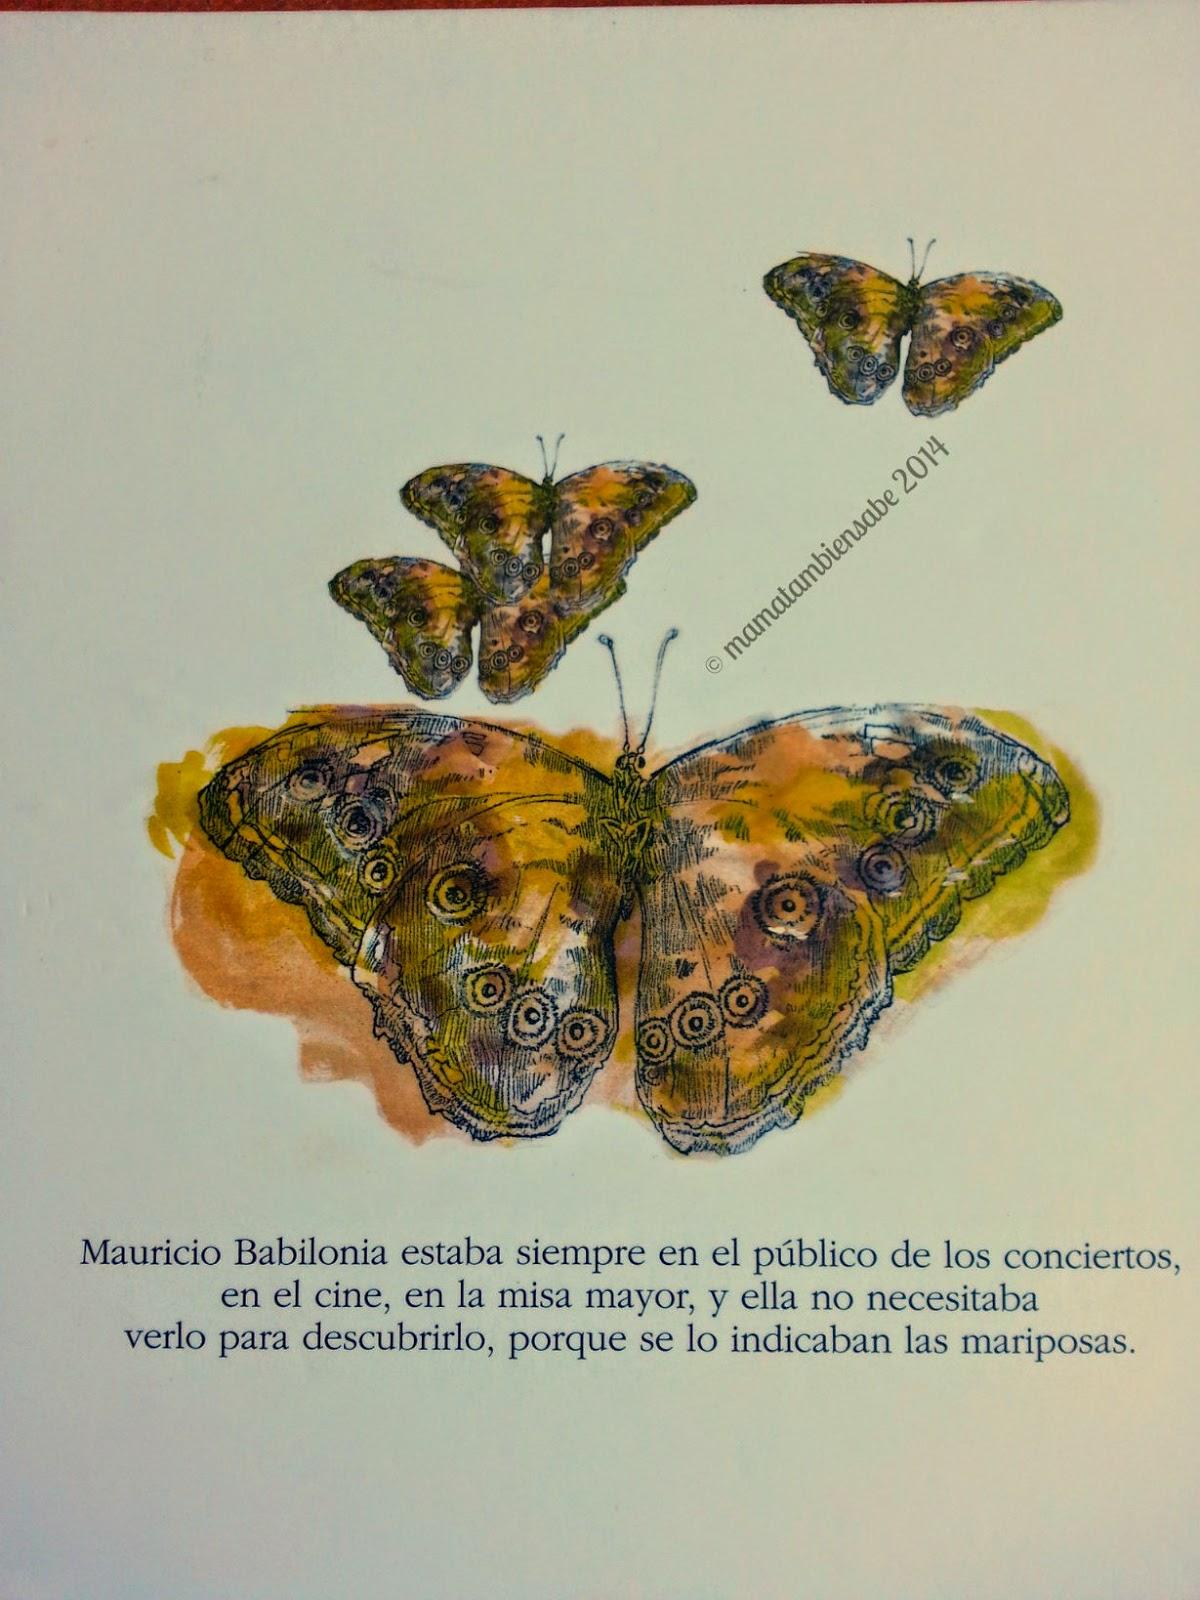 Las mariposas amarillas de Mauricio Babilonia